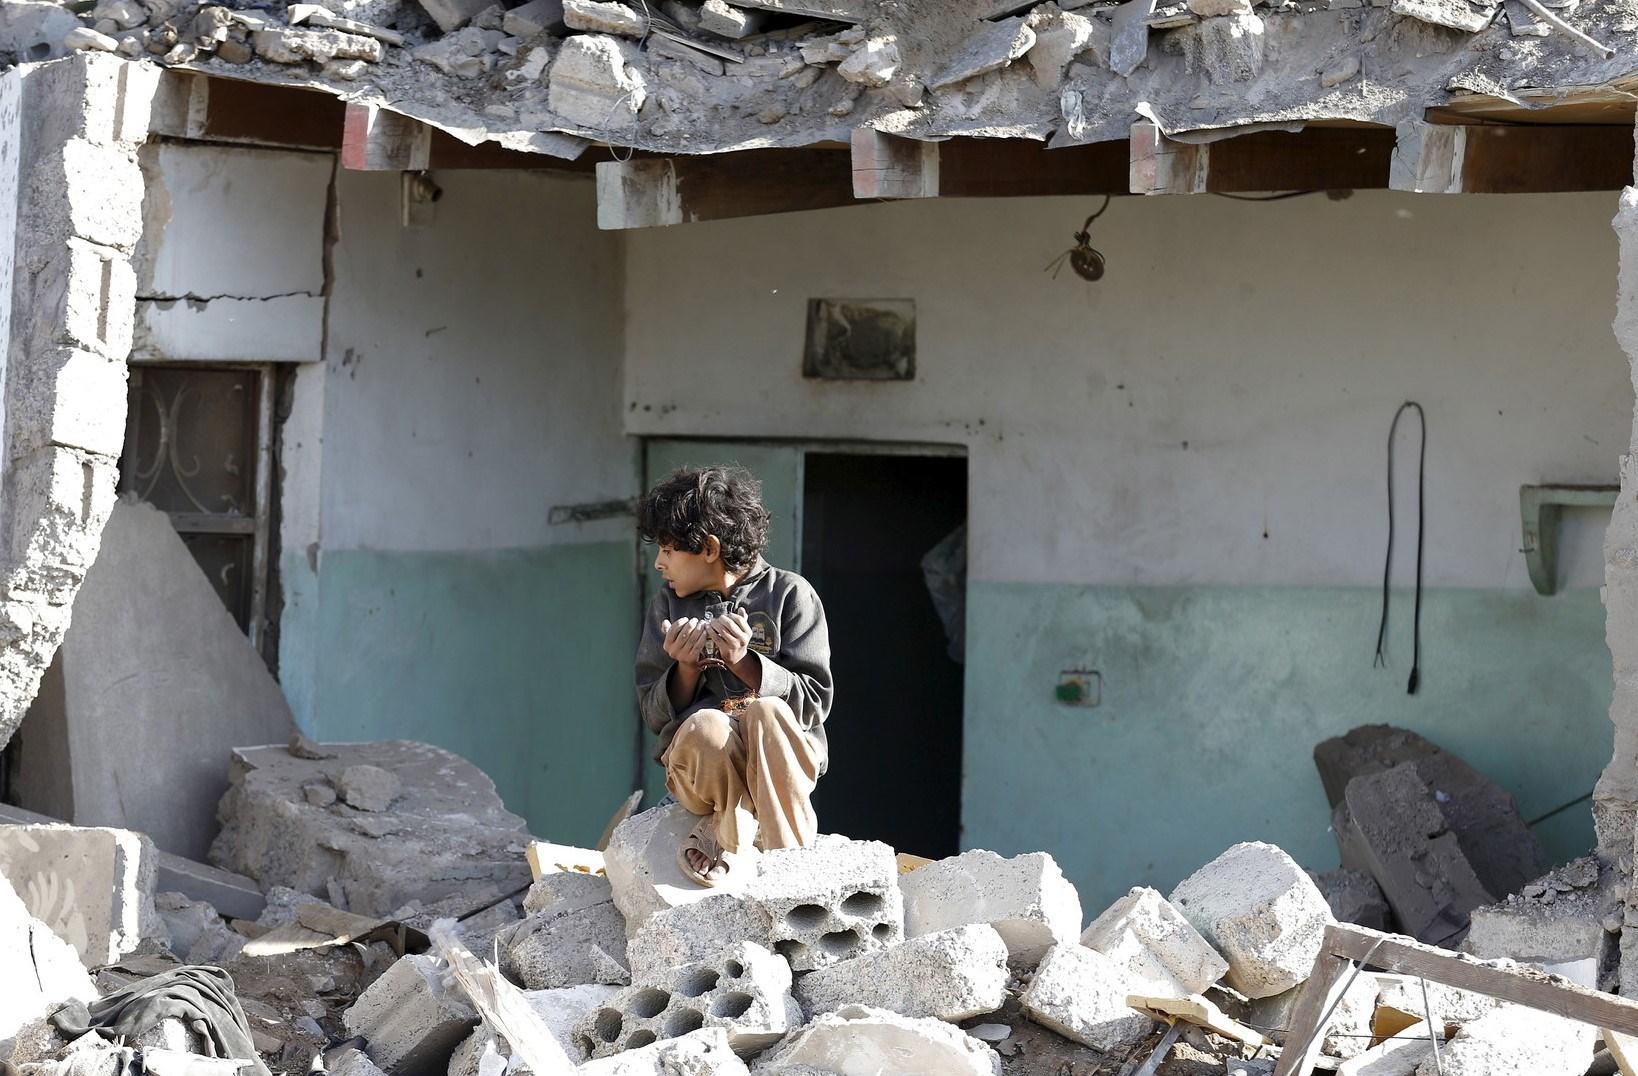 رويترز: بومبيو يمنع إدراج السعودية في قائمة تؤكد استخدامها أطفالا في حرب اليمن